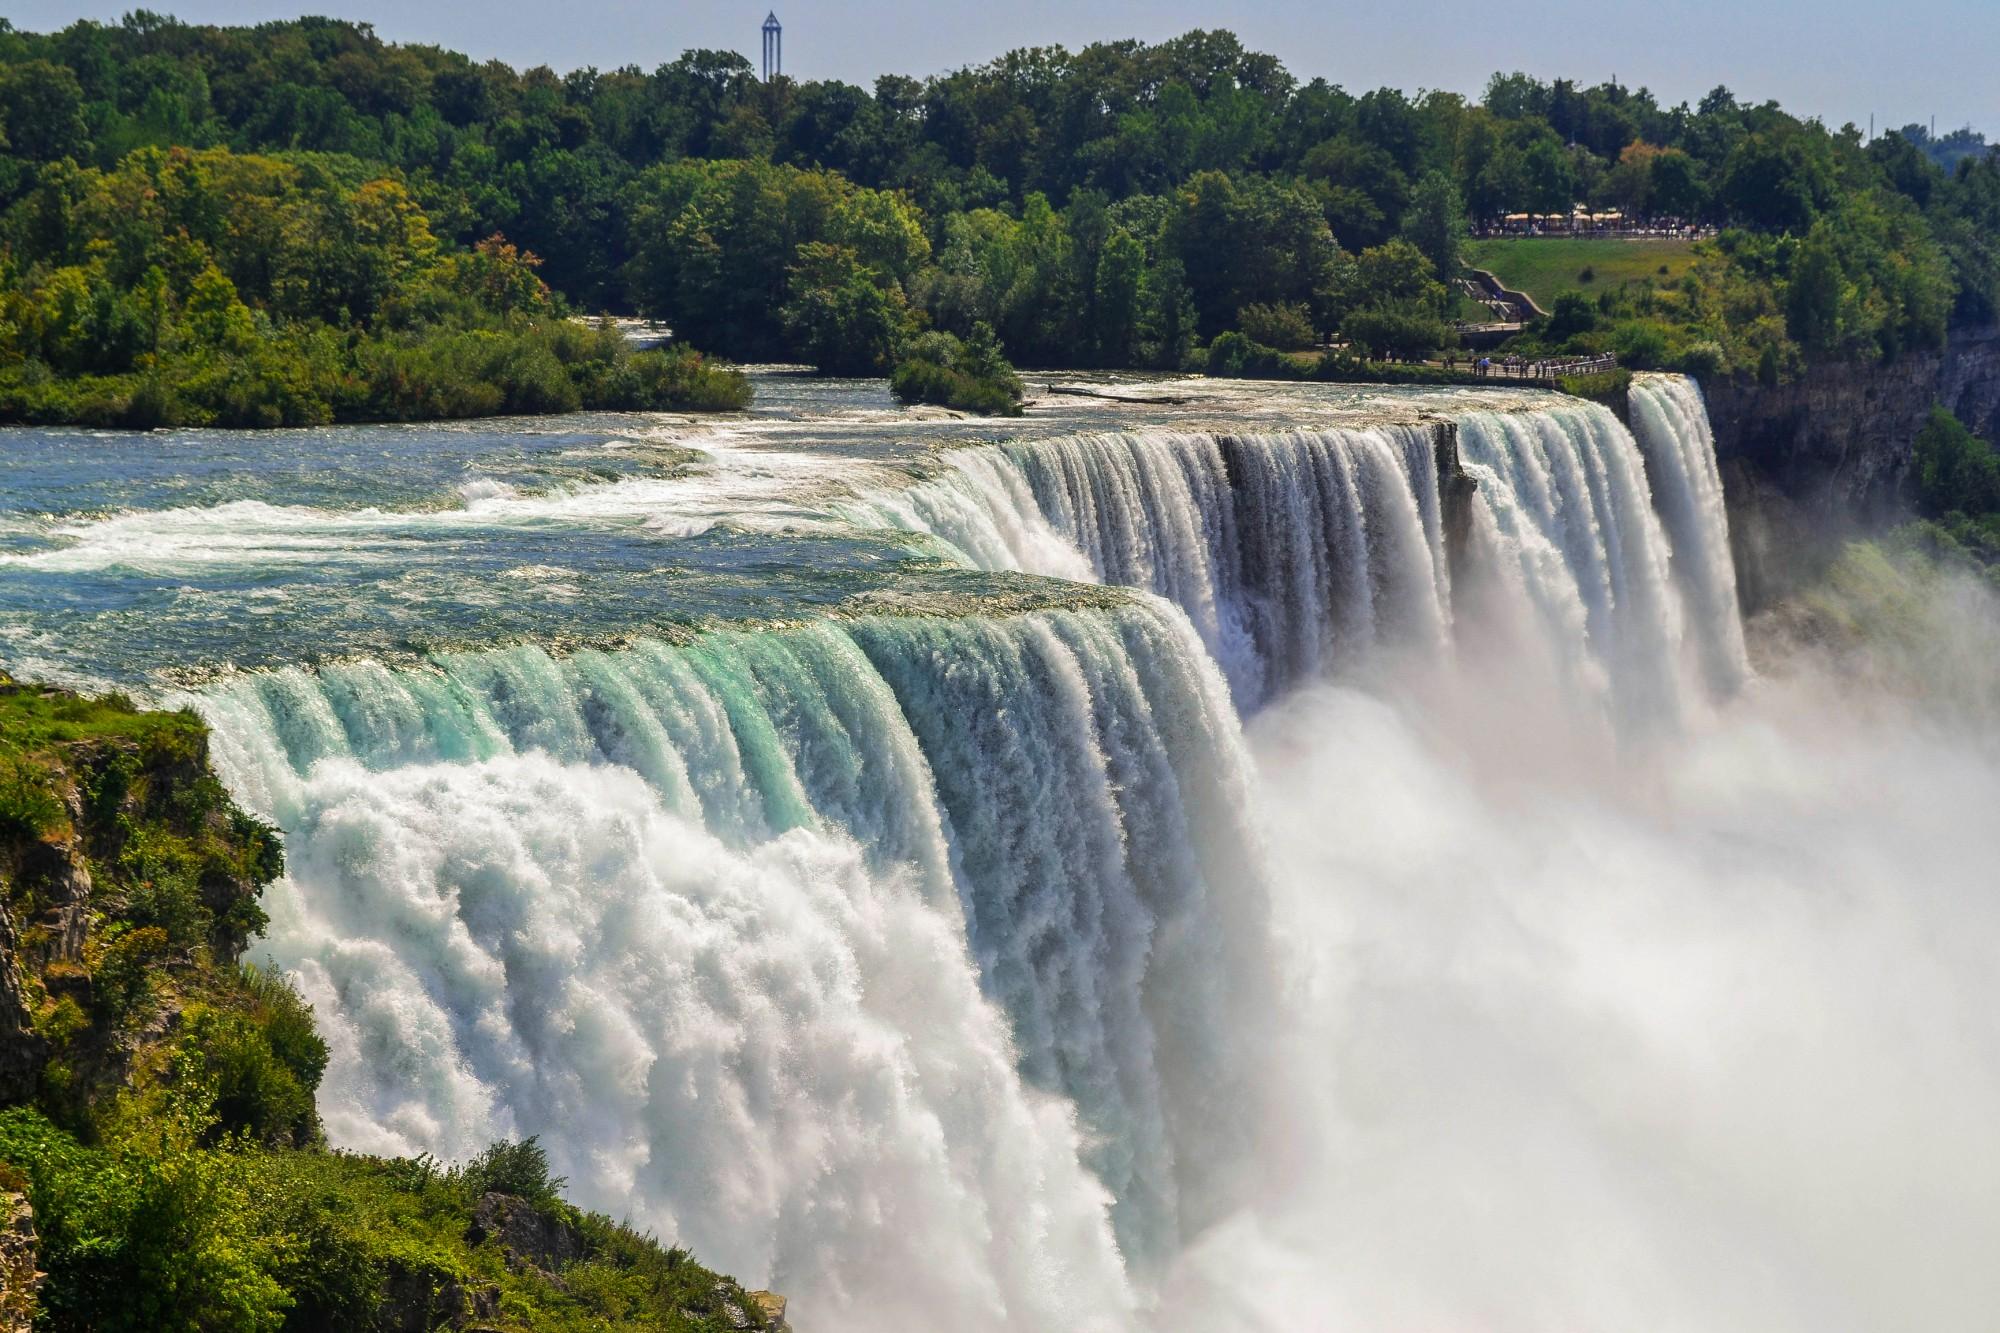 Niagarské vodopády jsou jedny z nejkrásnějších na světě